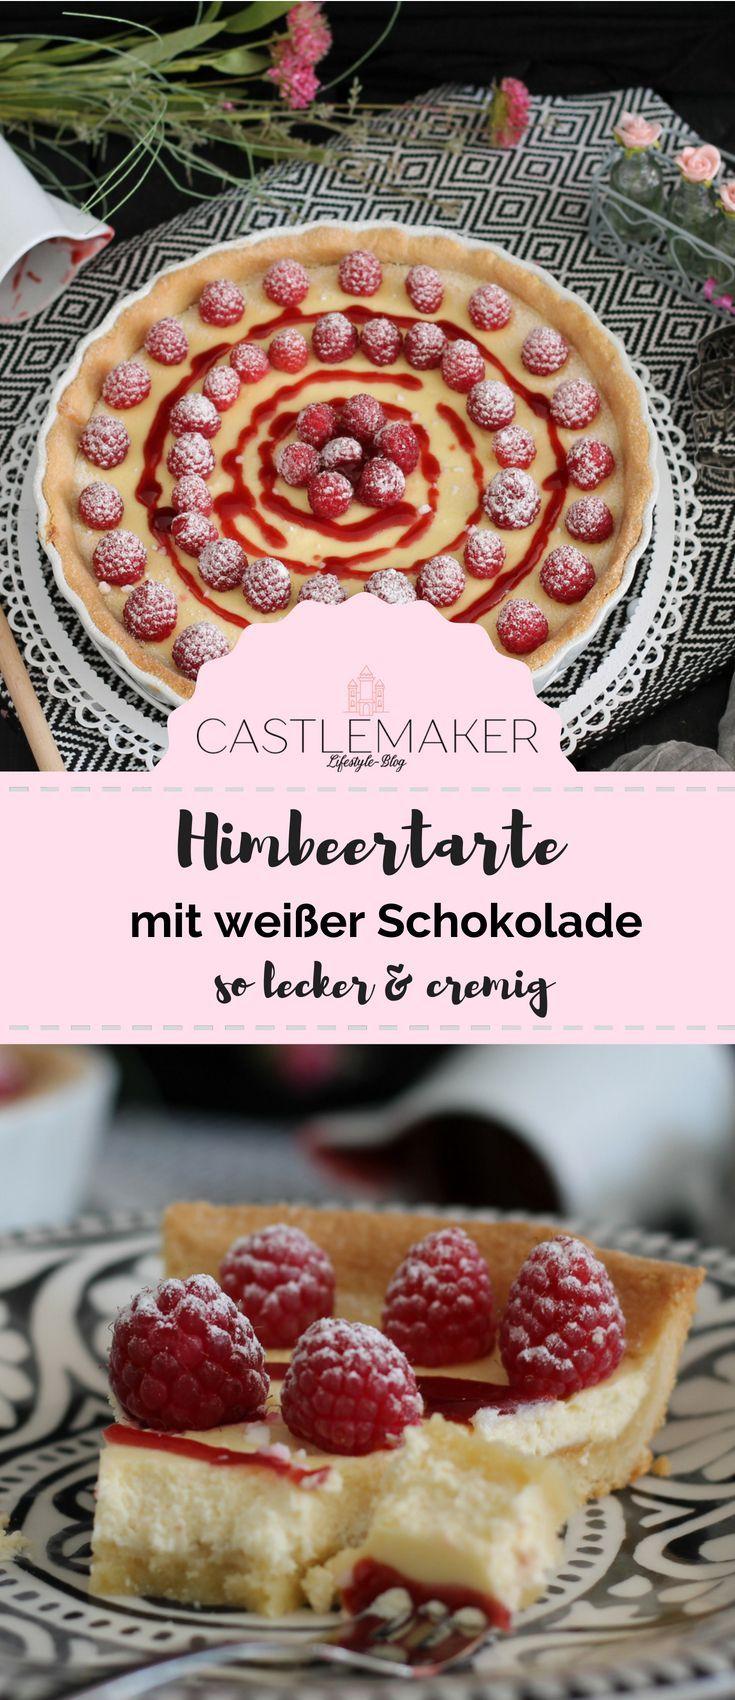 Rezept für cremige Himbeertarte mit weißer Schokolade - Beerentarte   - Castlemaker Lifestyle-Blog Rezepte & mehr -